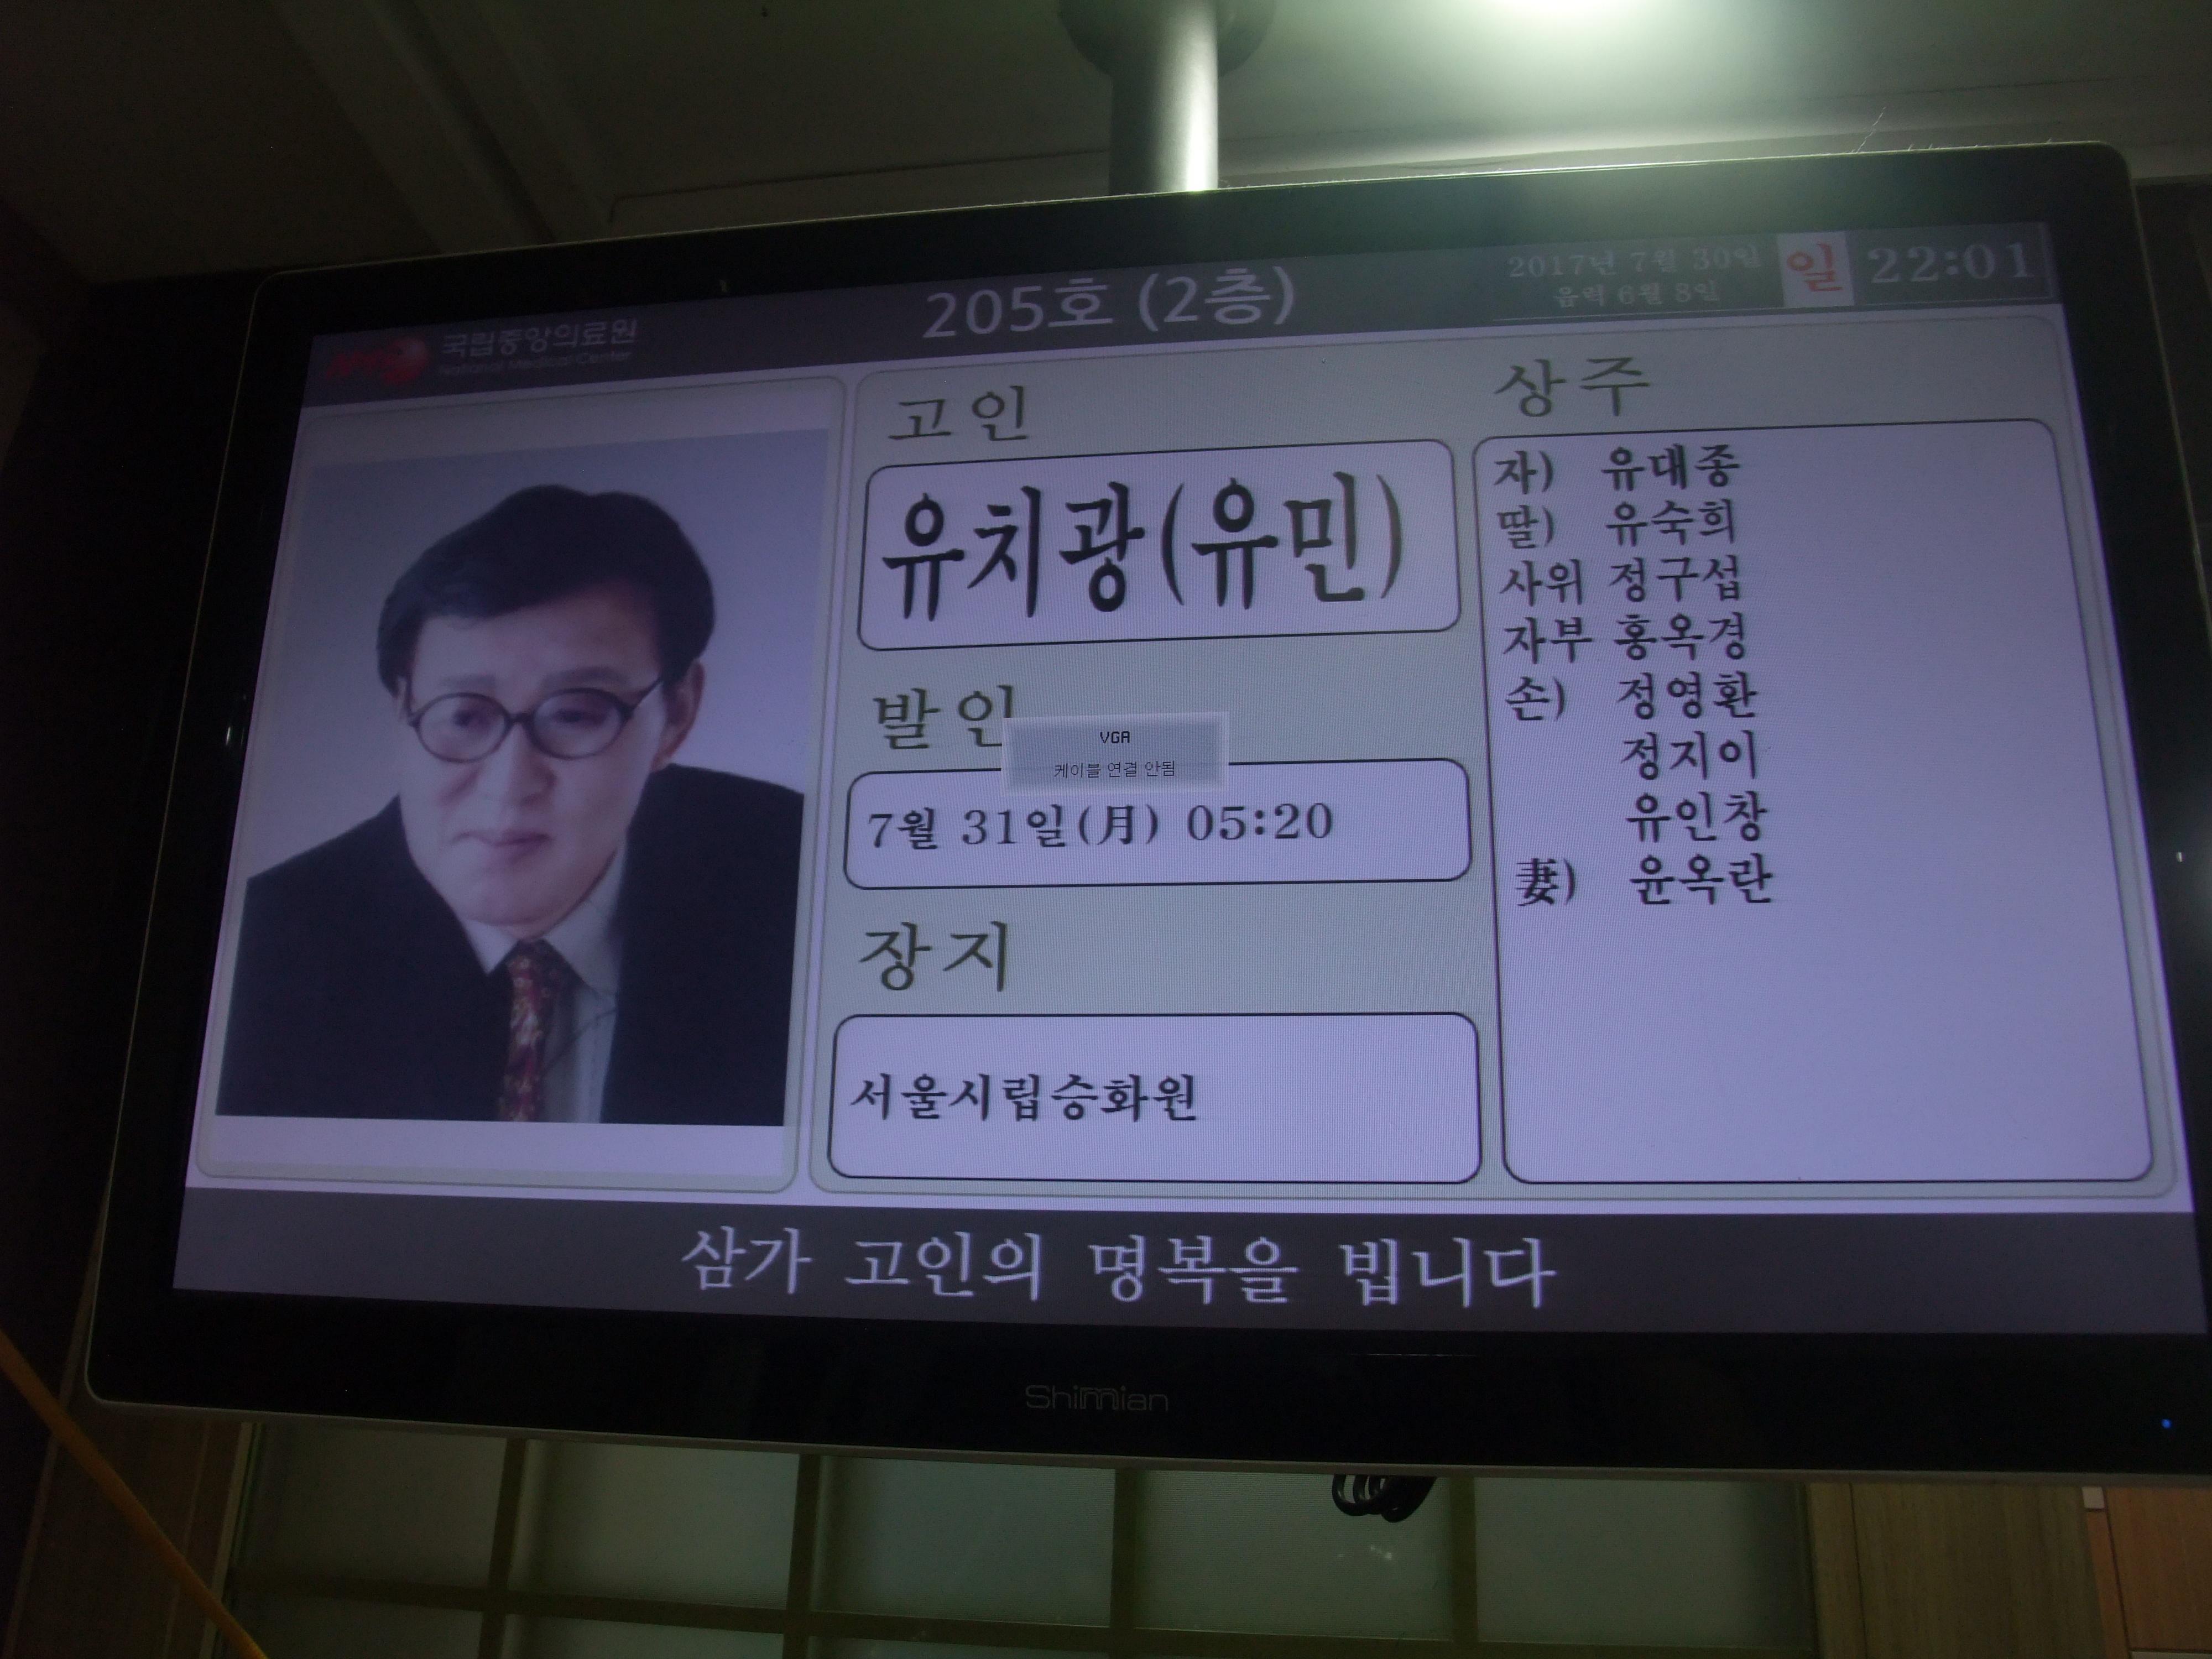 17-0730비룡합유민감독본인상1.jpg